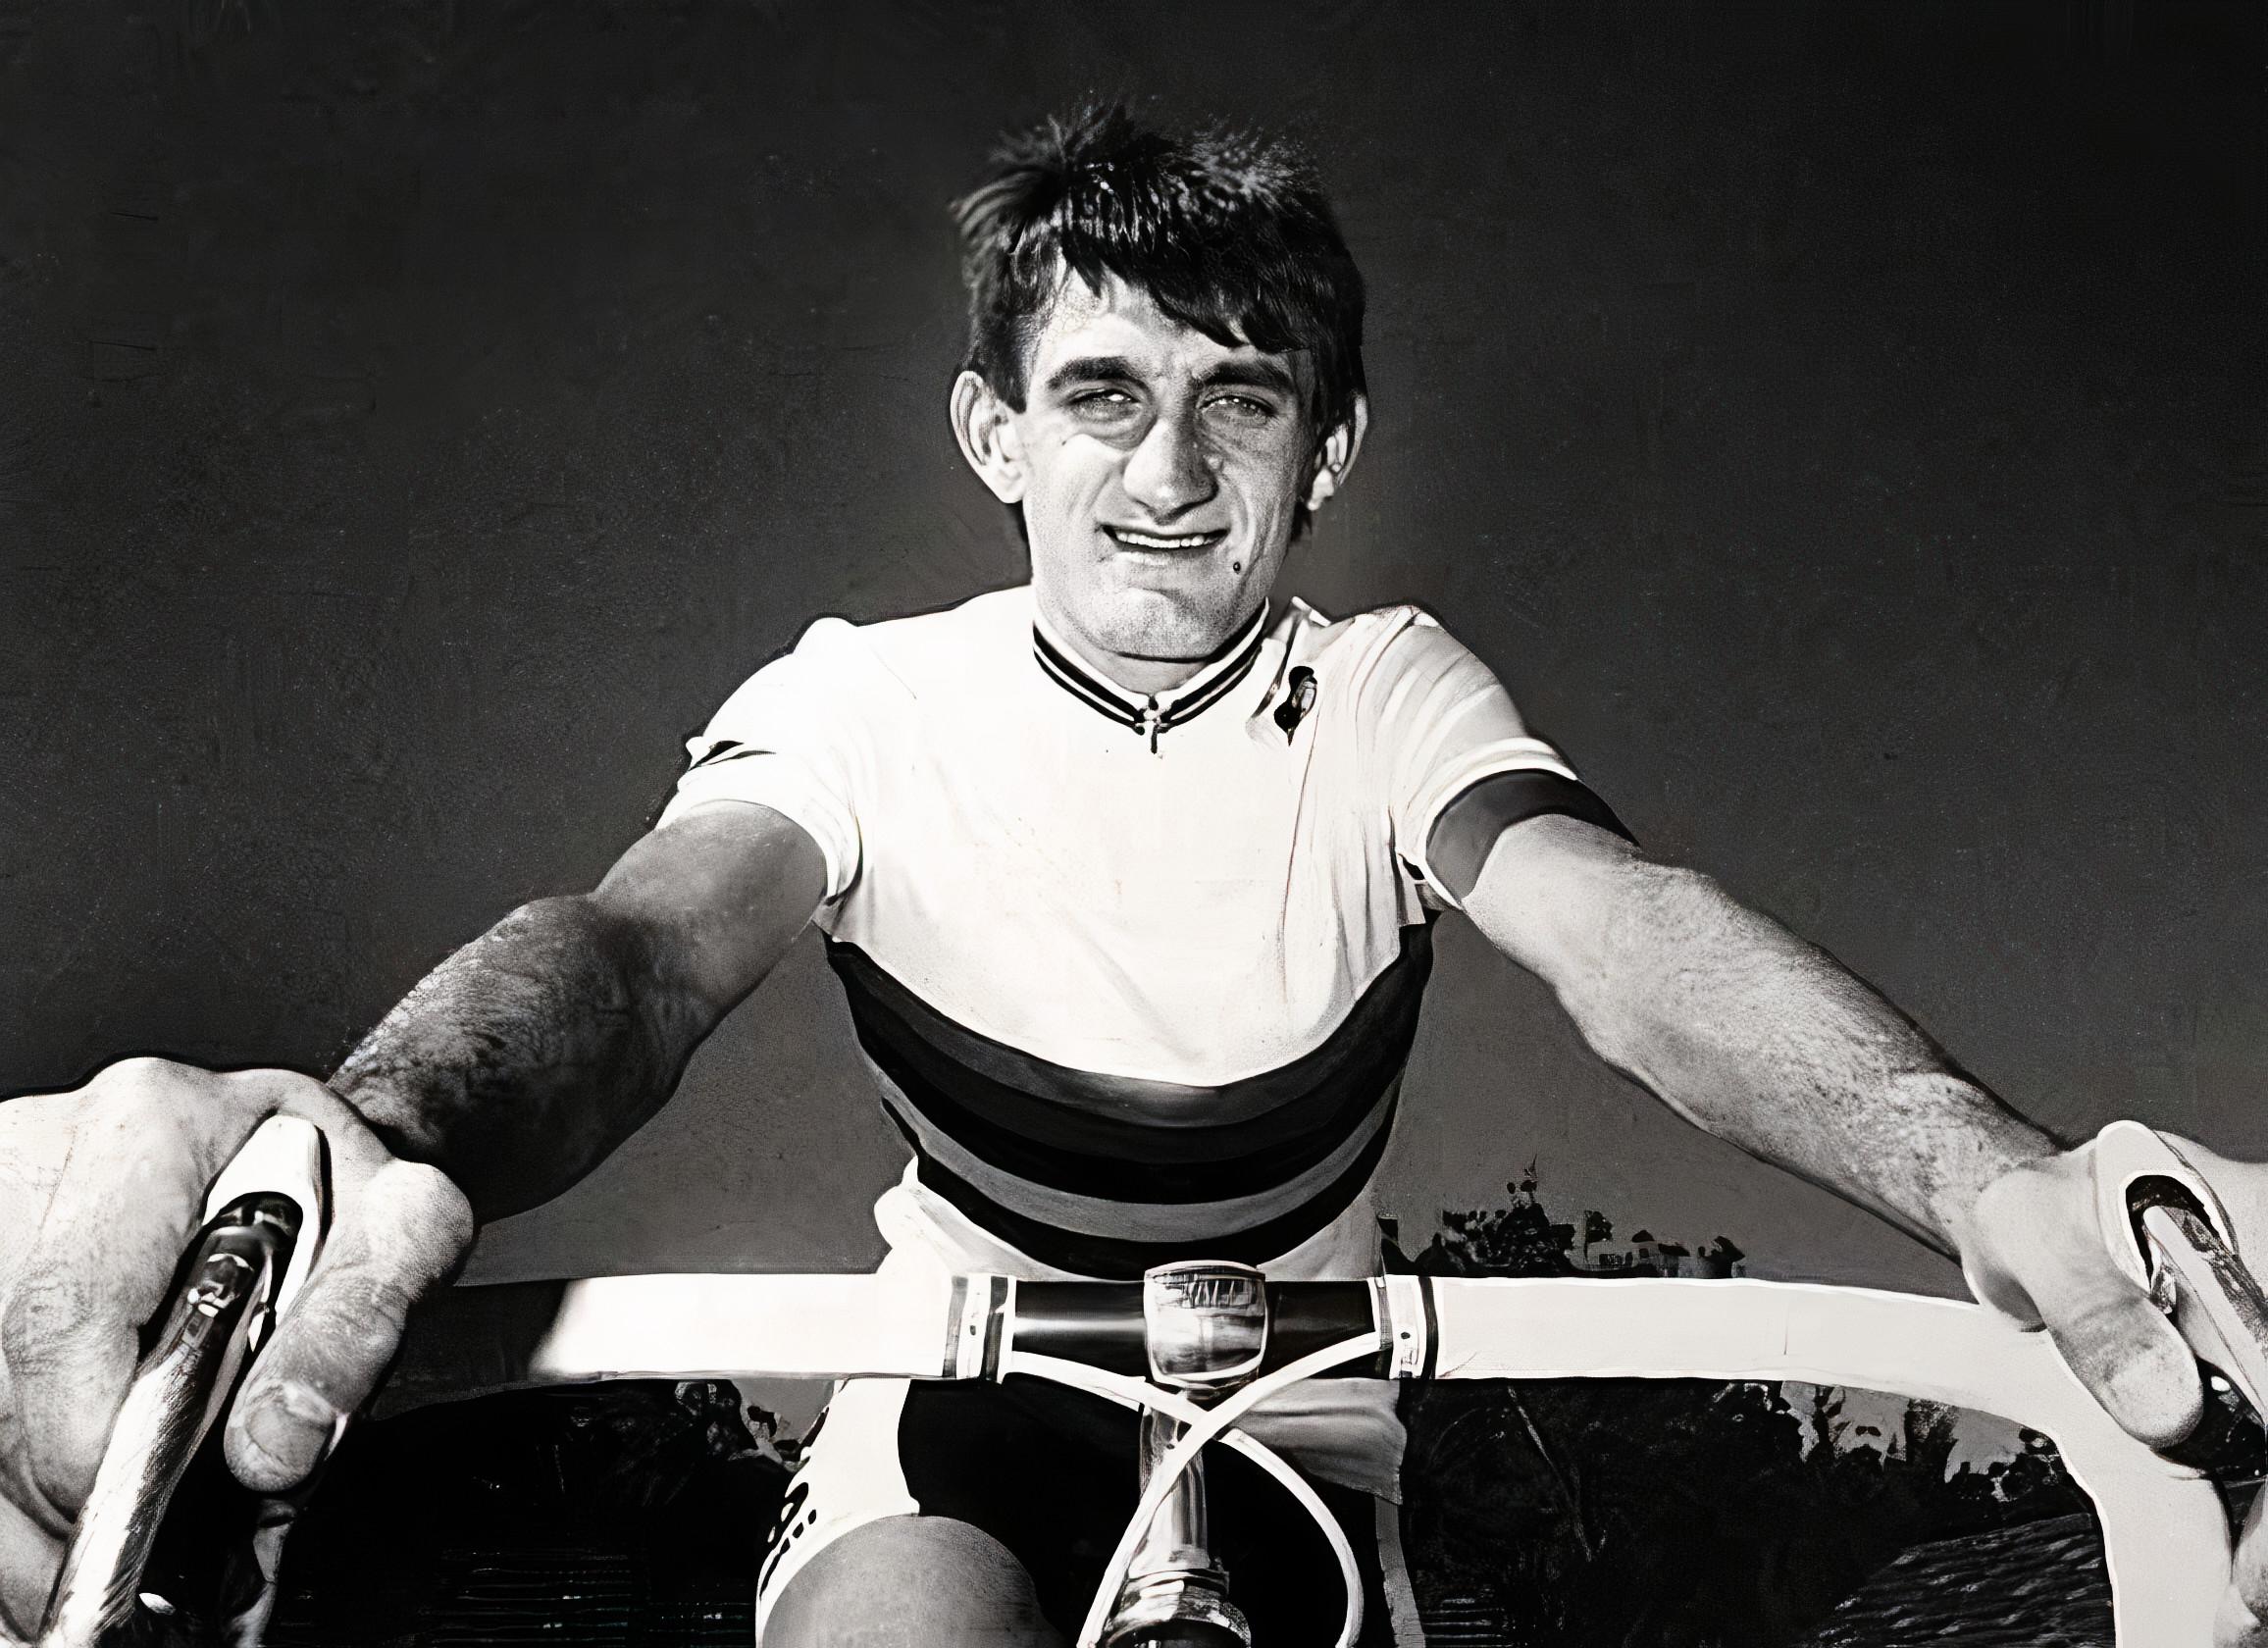 Miał być pierwszym Polakiem, który wygra Tour de France